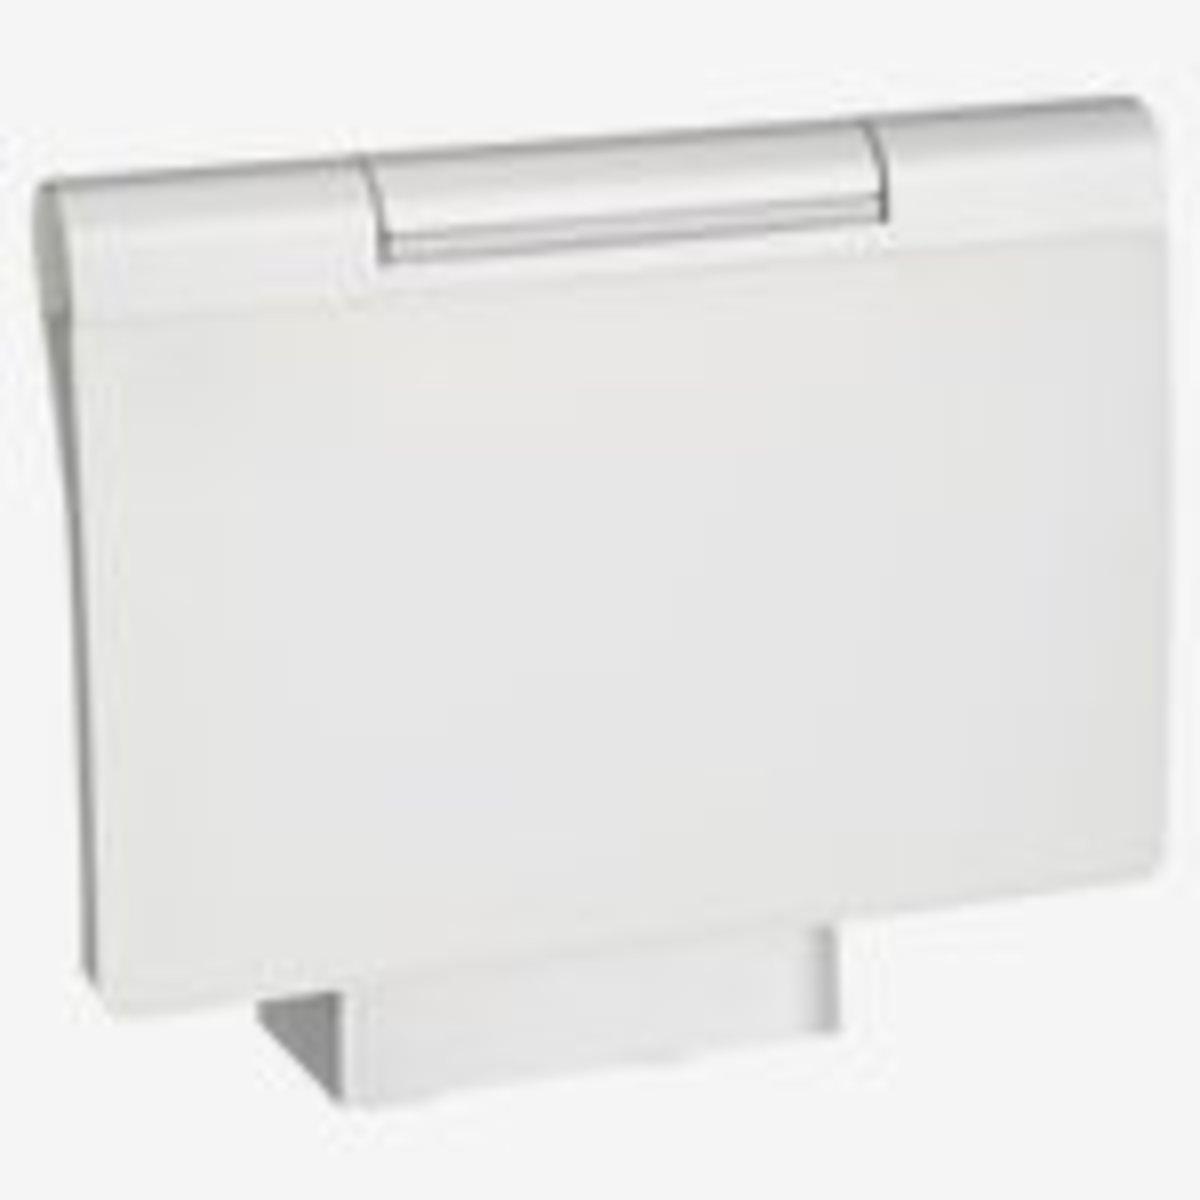 """Bild 1 von Steinel - Sensor-LED-Strahler """"XLED"""" Home 2 14,8 W silbern"""